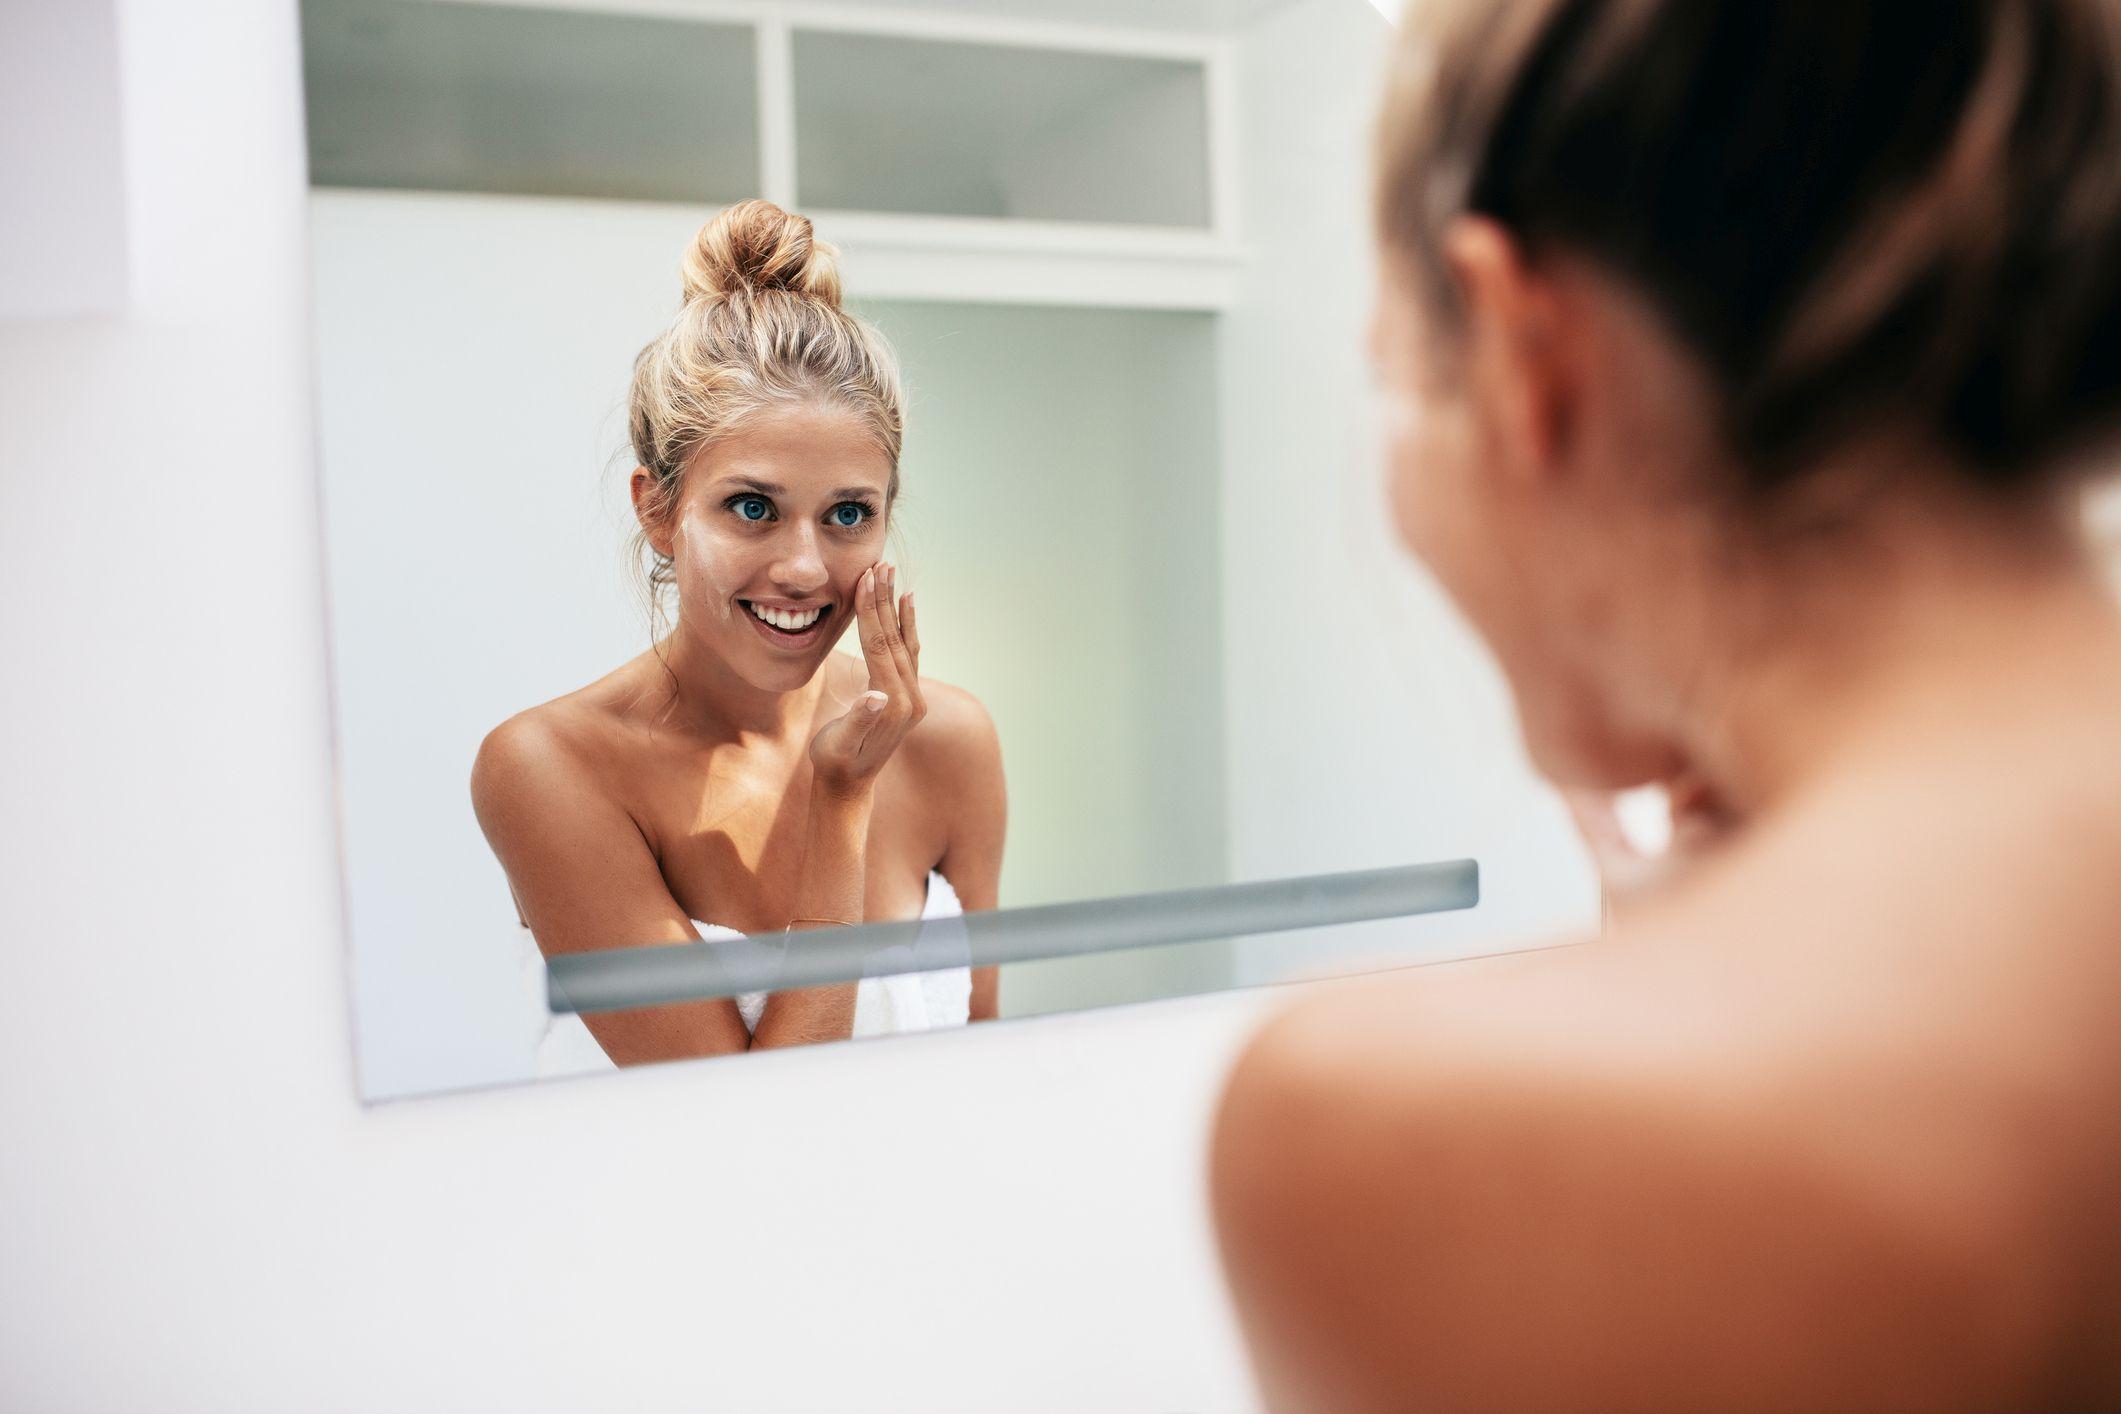 Mamy  6 powodów, które przekonają do tego, abyś zaczęła korzystać z sauny